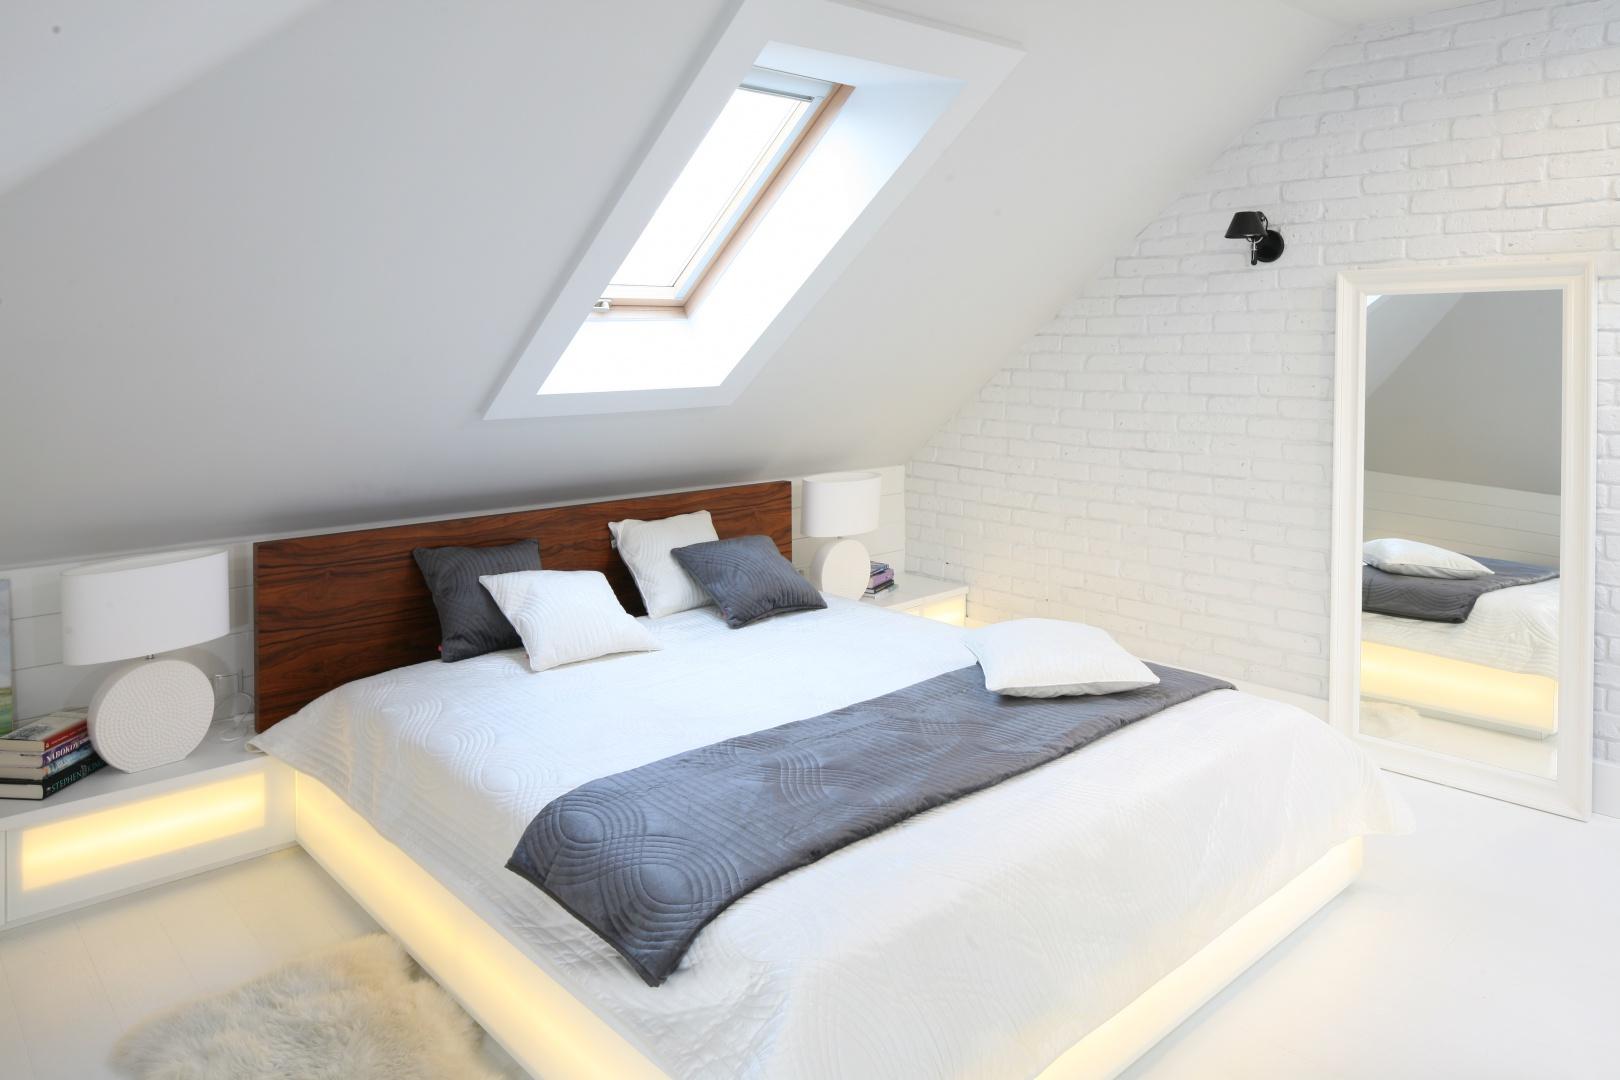 Sypialnia Na Poddaszu Tak Urządzili Inni Przegląd